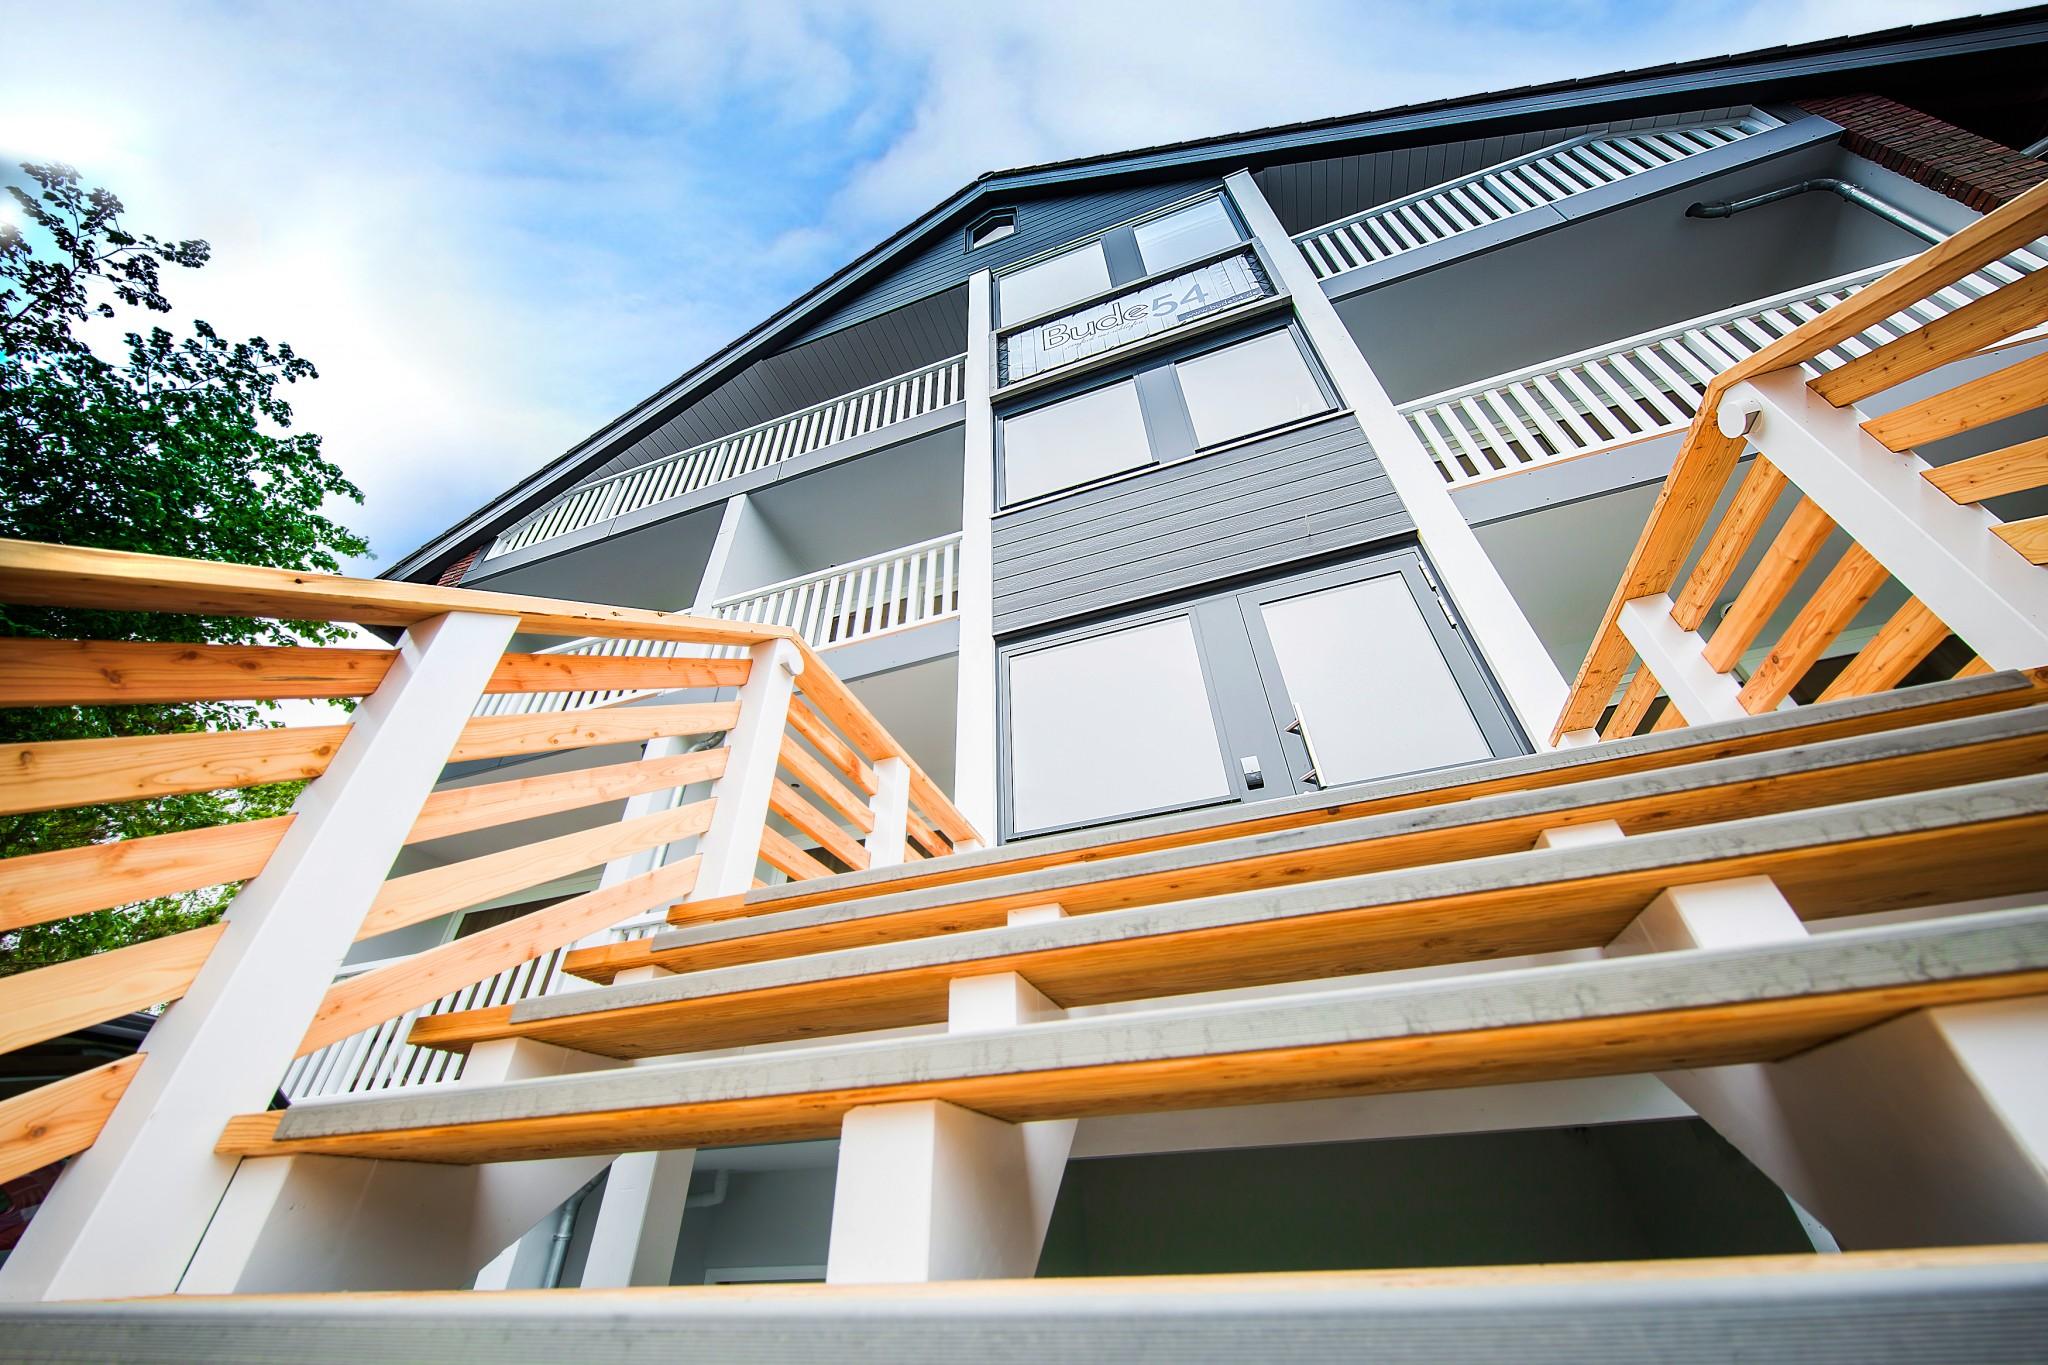 Hotelfassade mit großer Treppe und Balkonen